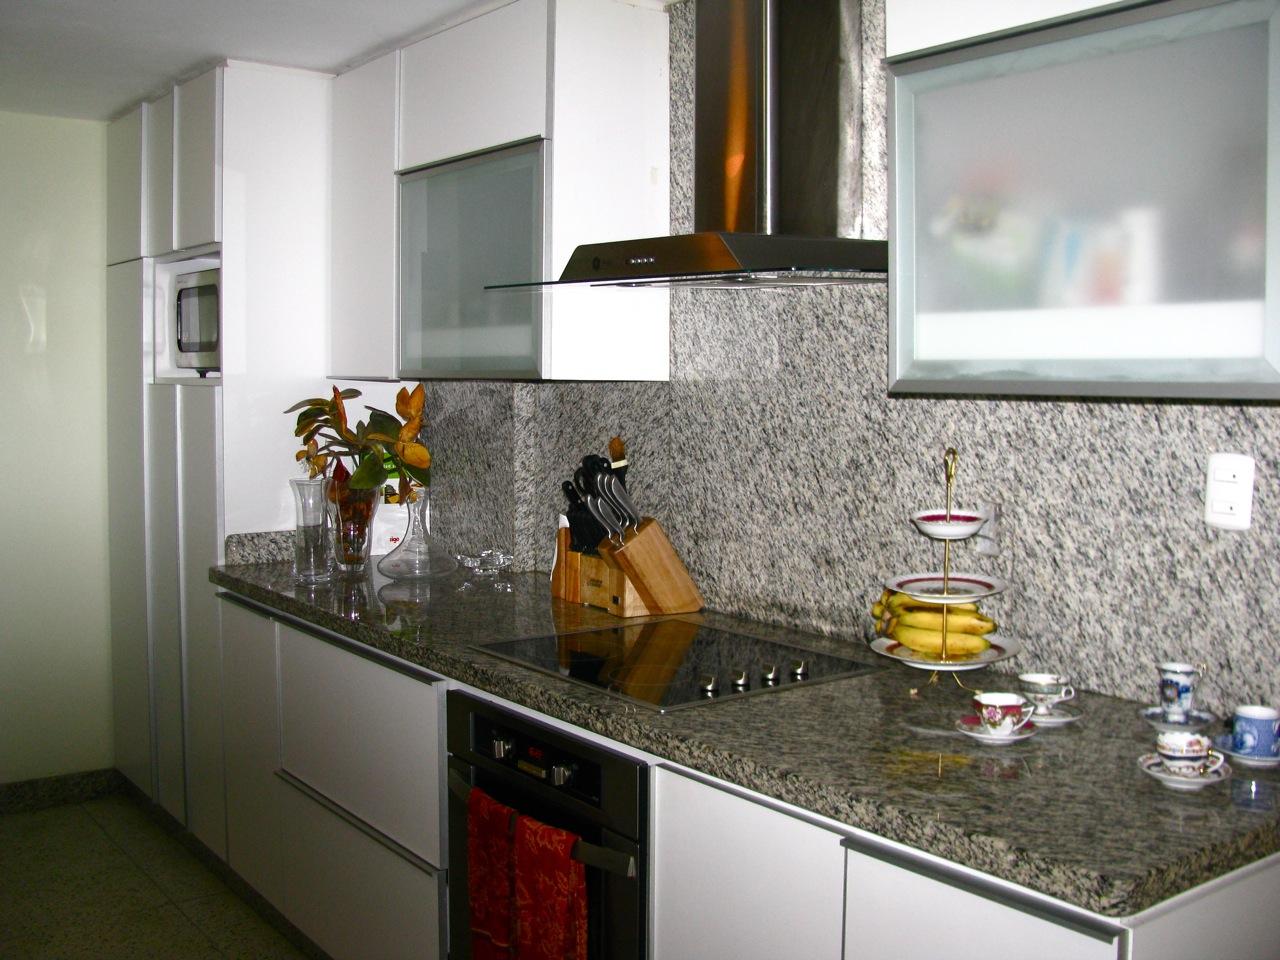 Cocina Con Granito : Cocinas de granito imagui